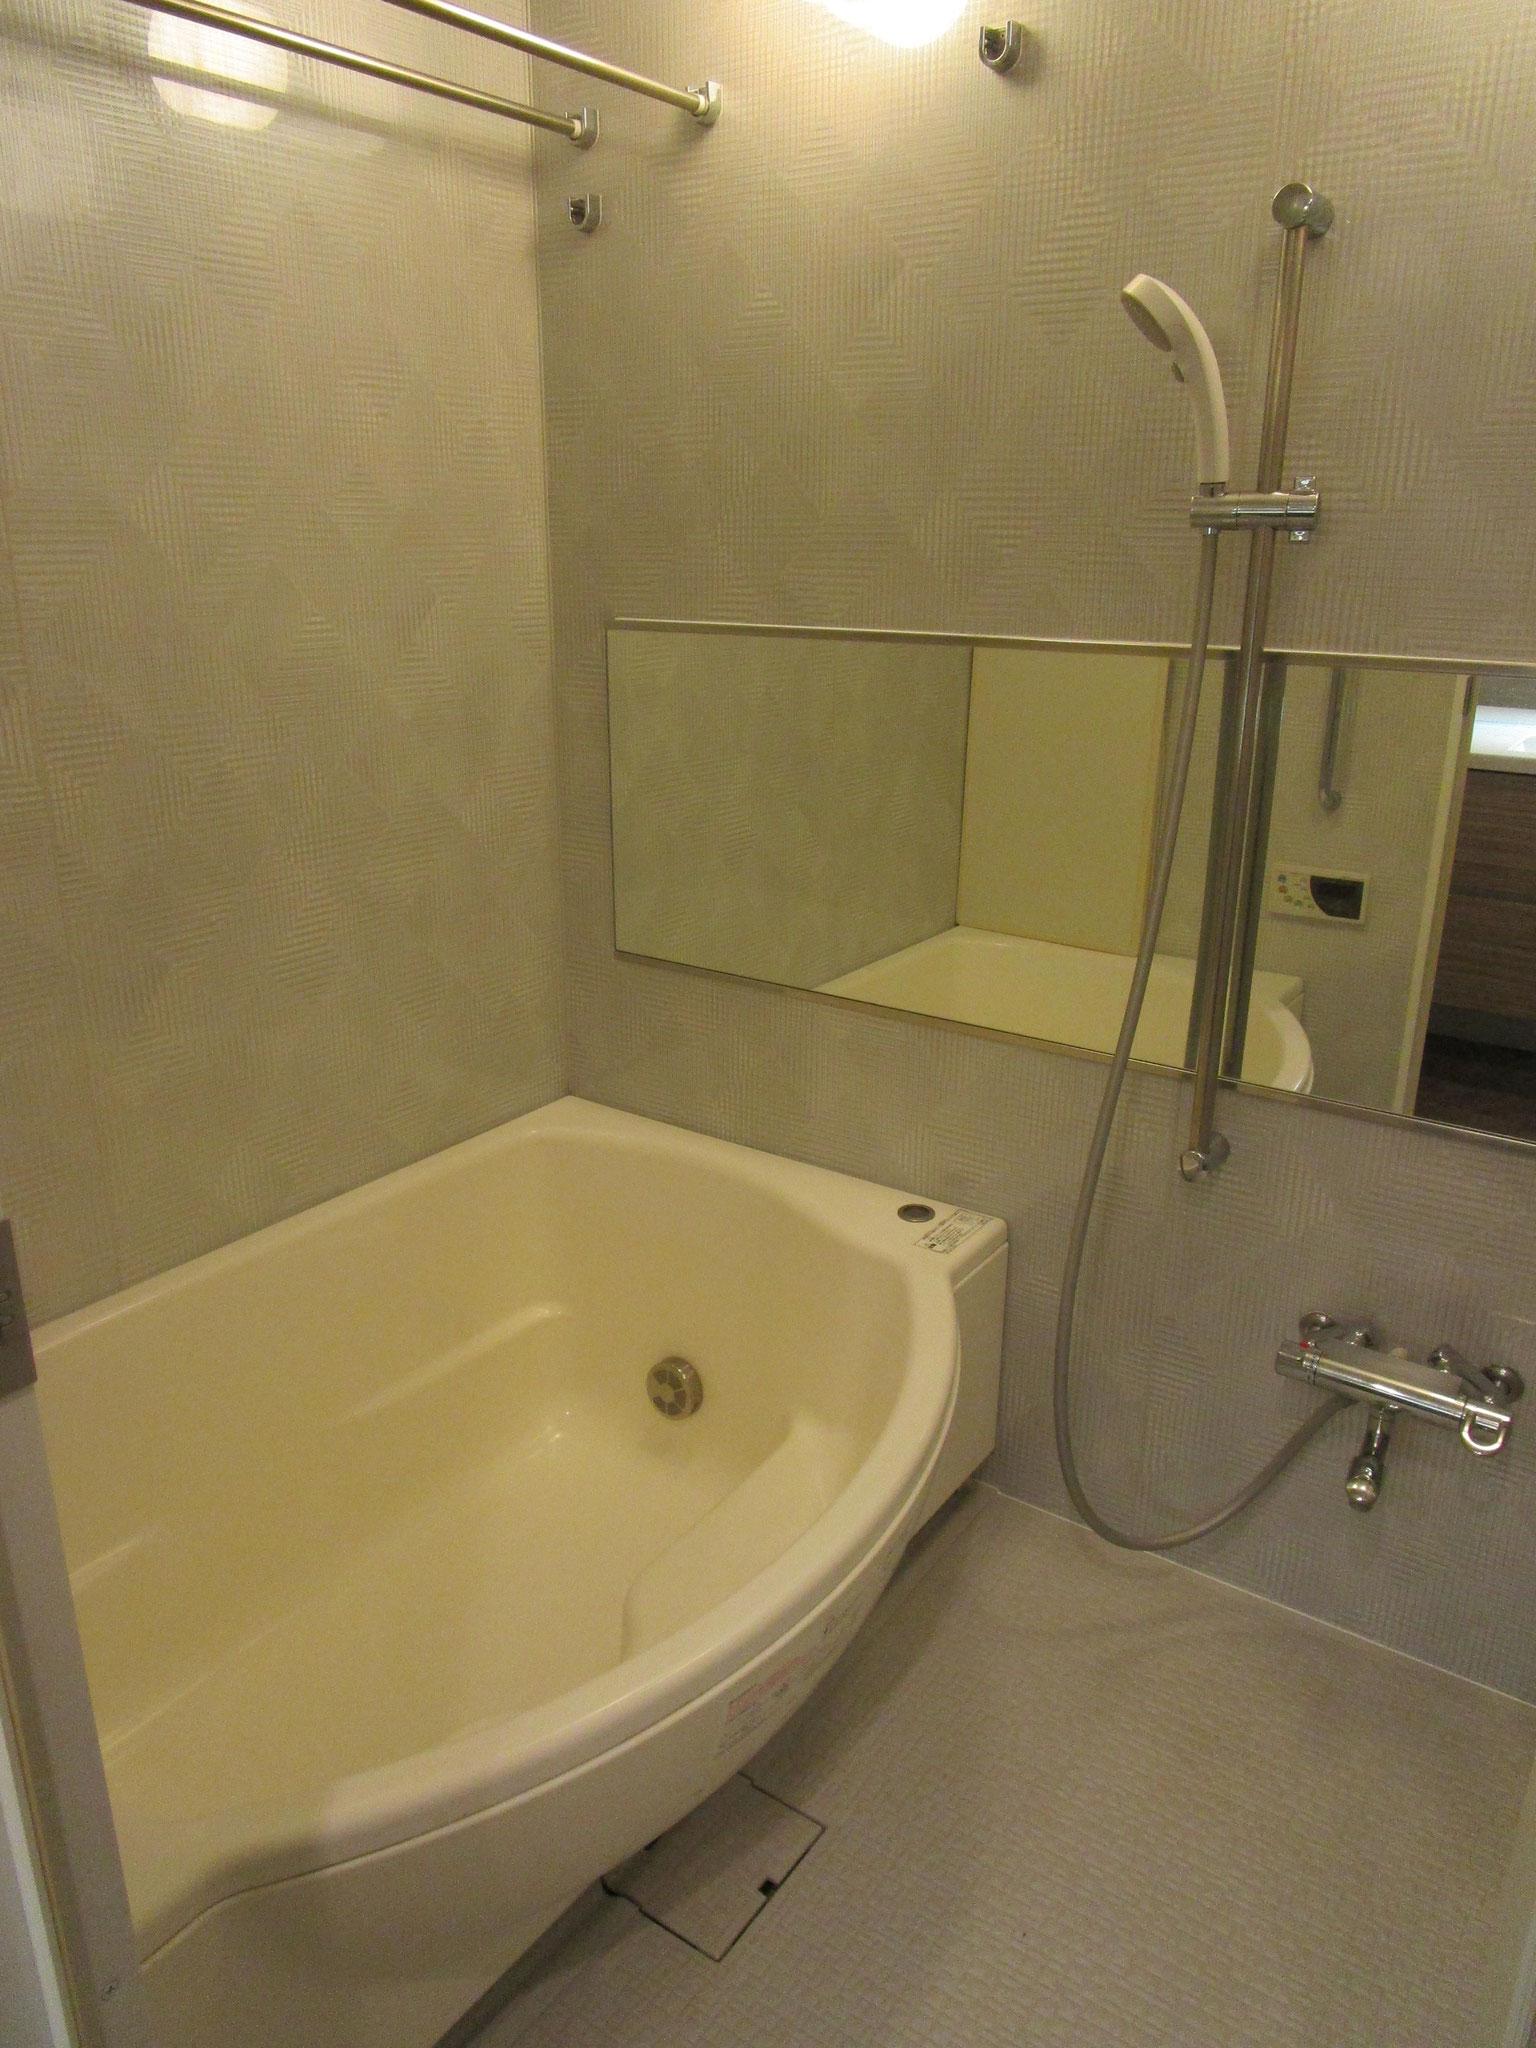 浴室(浴槽形状は大型のシェルタイプです)